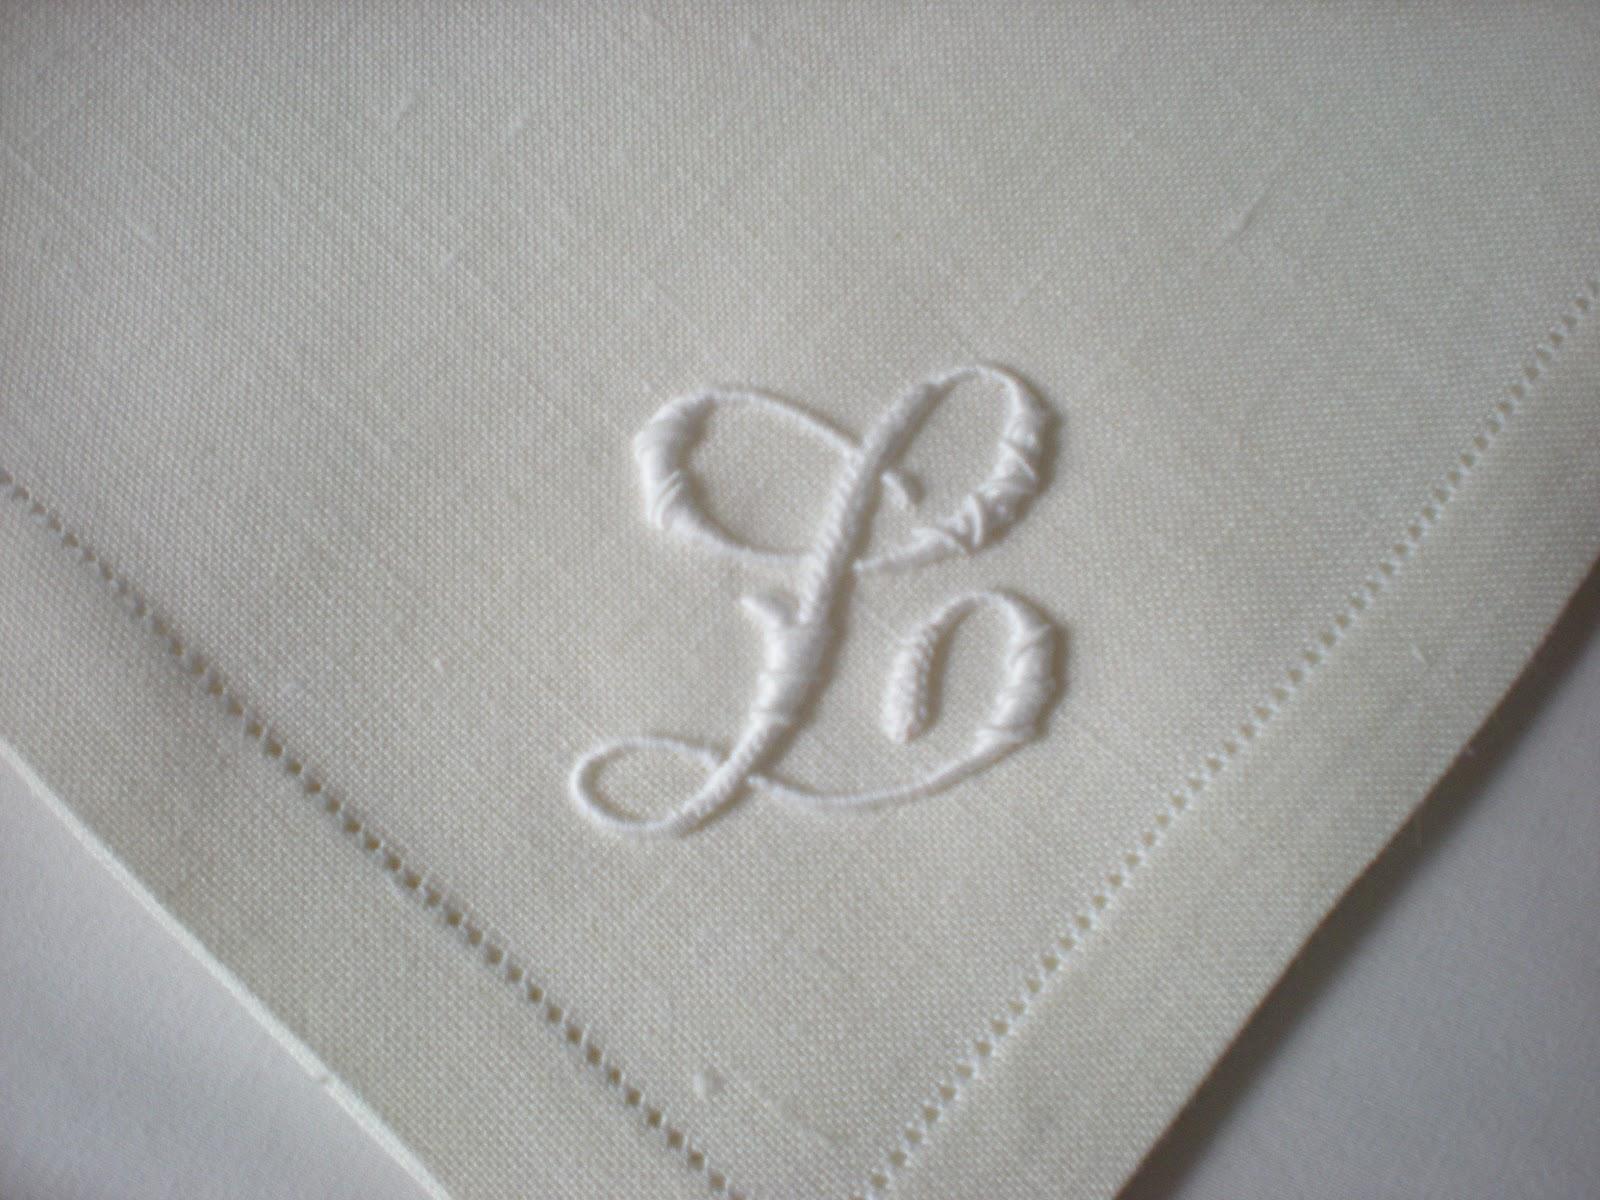 letras bordadas á mão sem trabalhados cumprimentos rosa teixeira